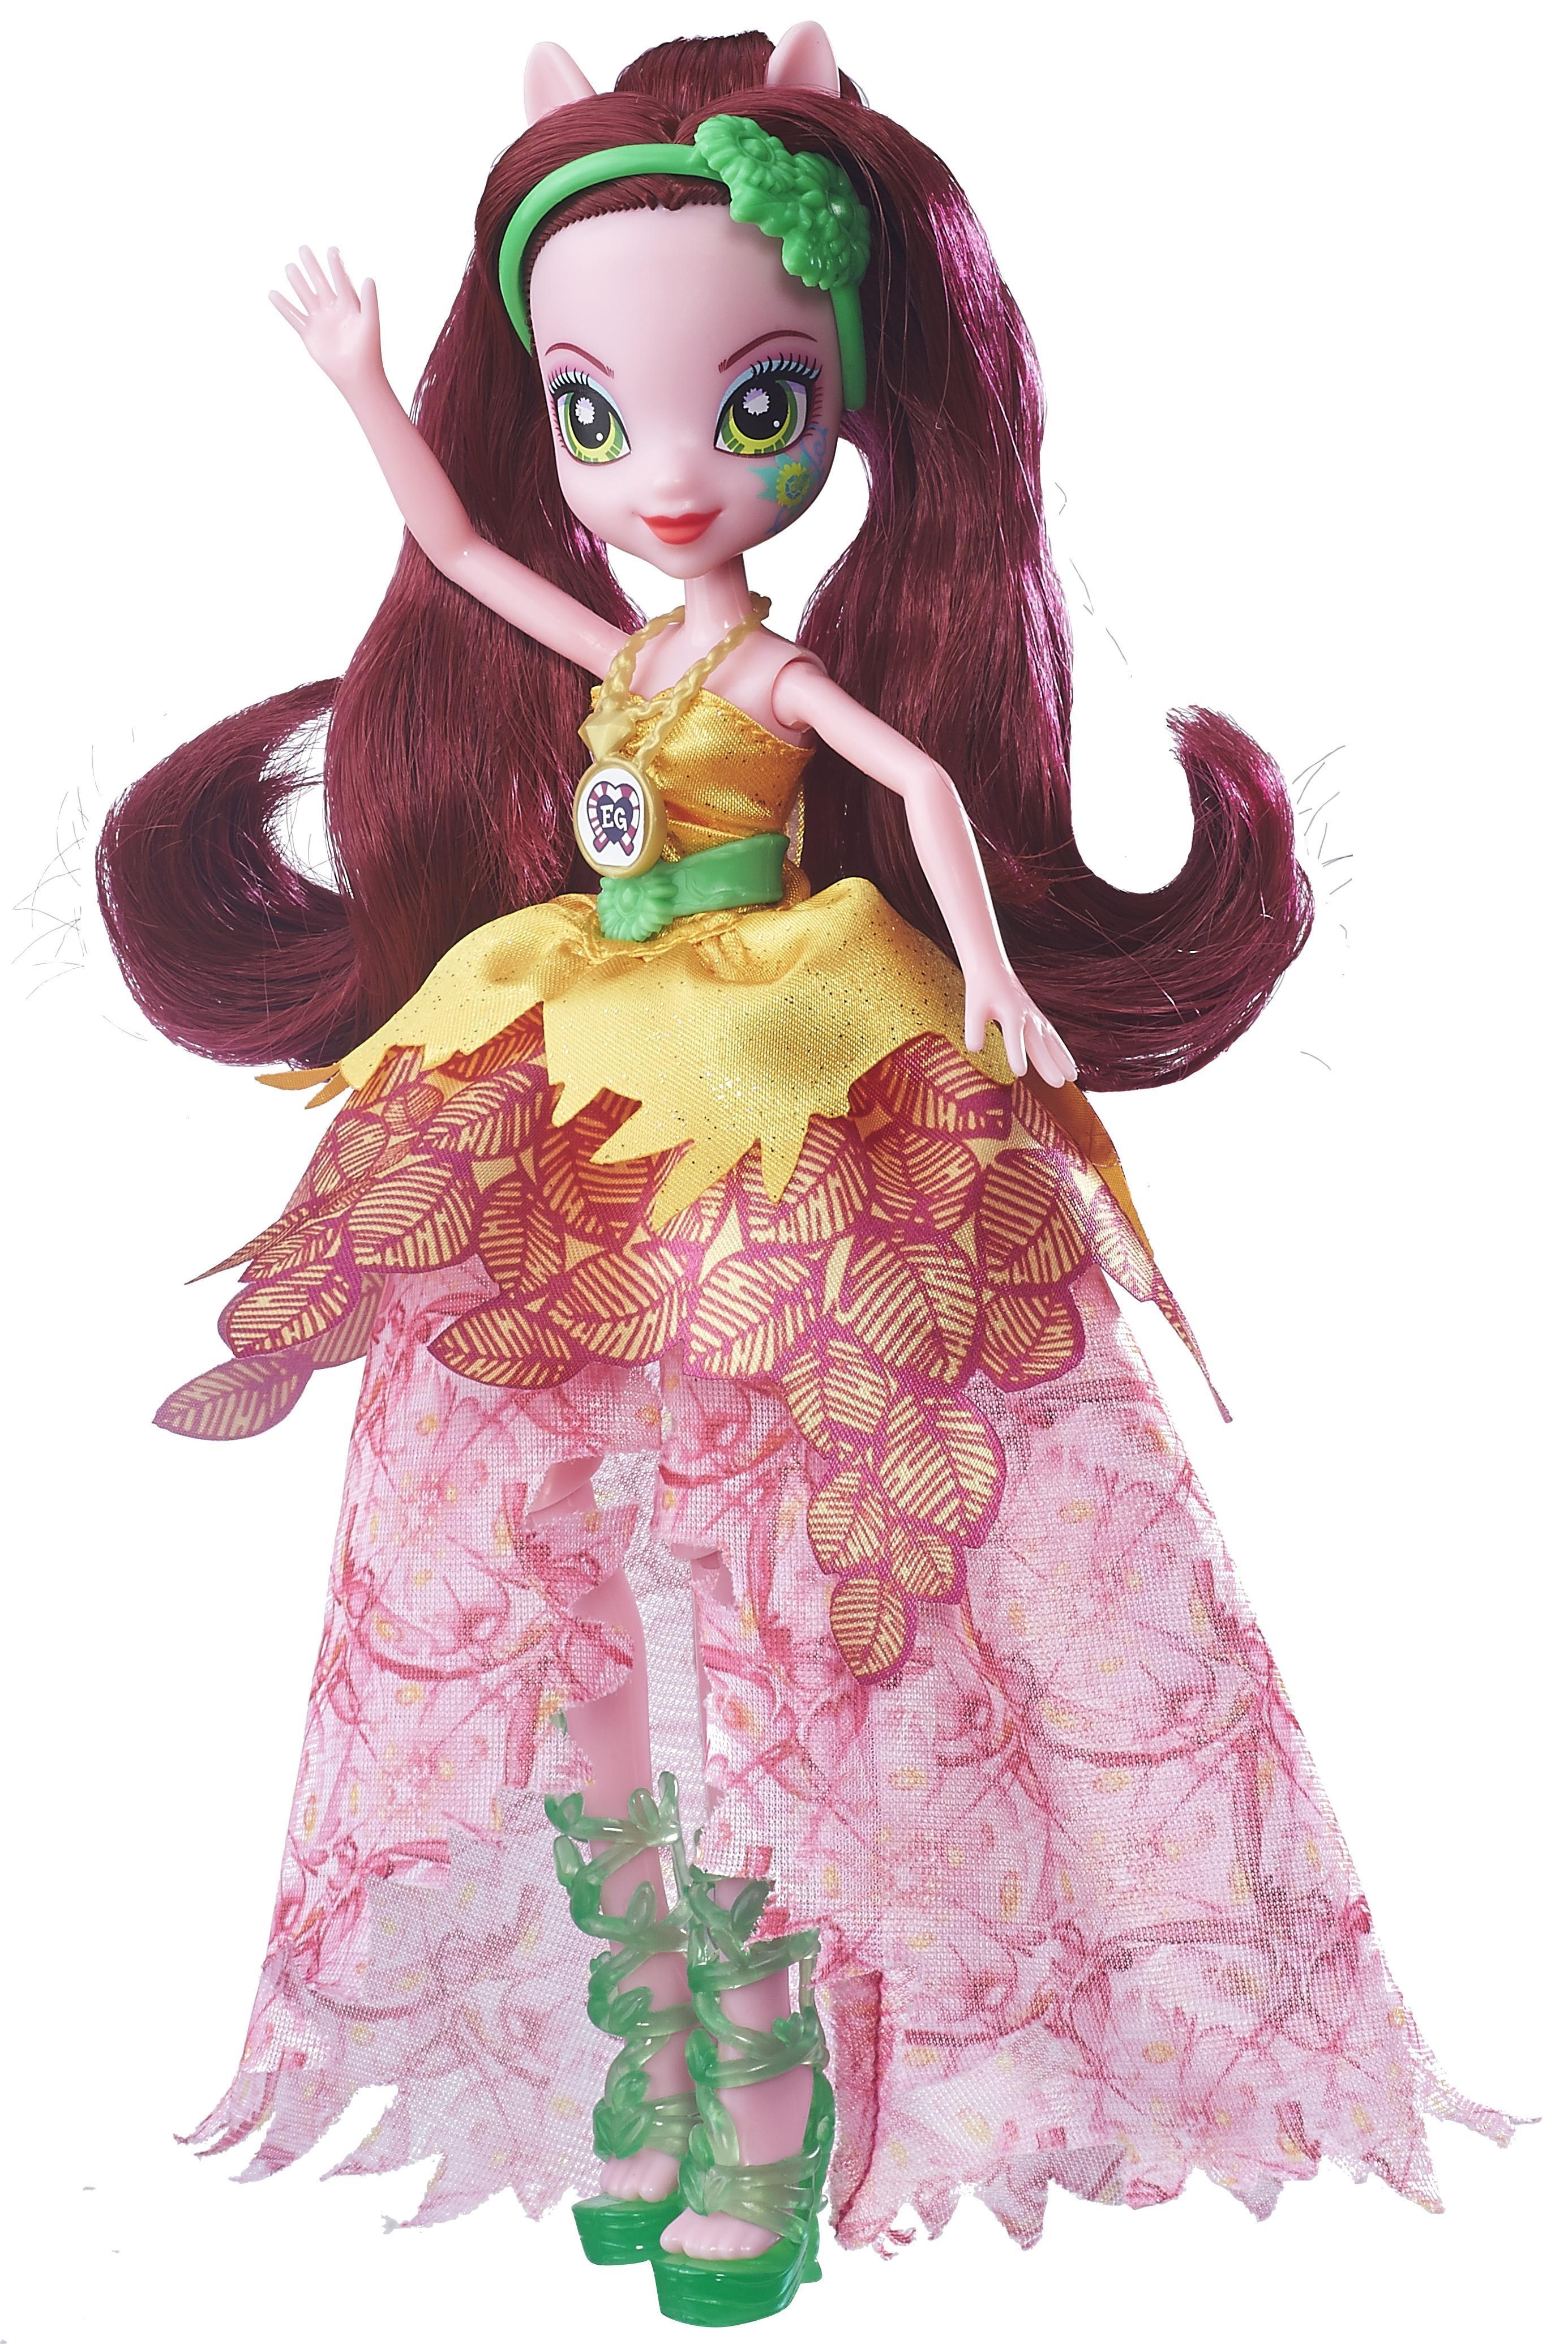 Купить Кукла Эквестрия Герлз Легенды вечнозеленого леса Crystal Gala - Глориоза, MLP Equestria Girls, Китай